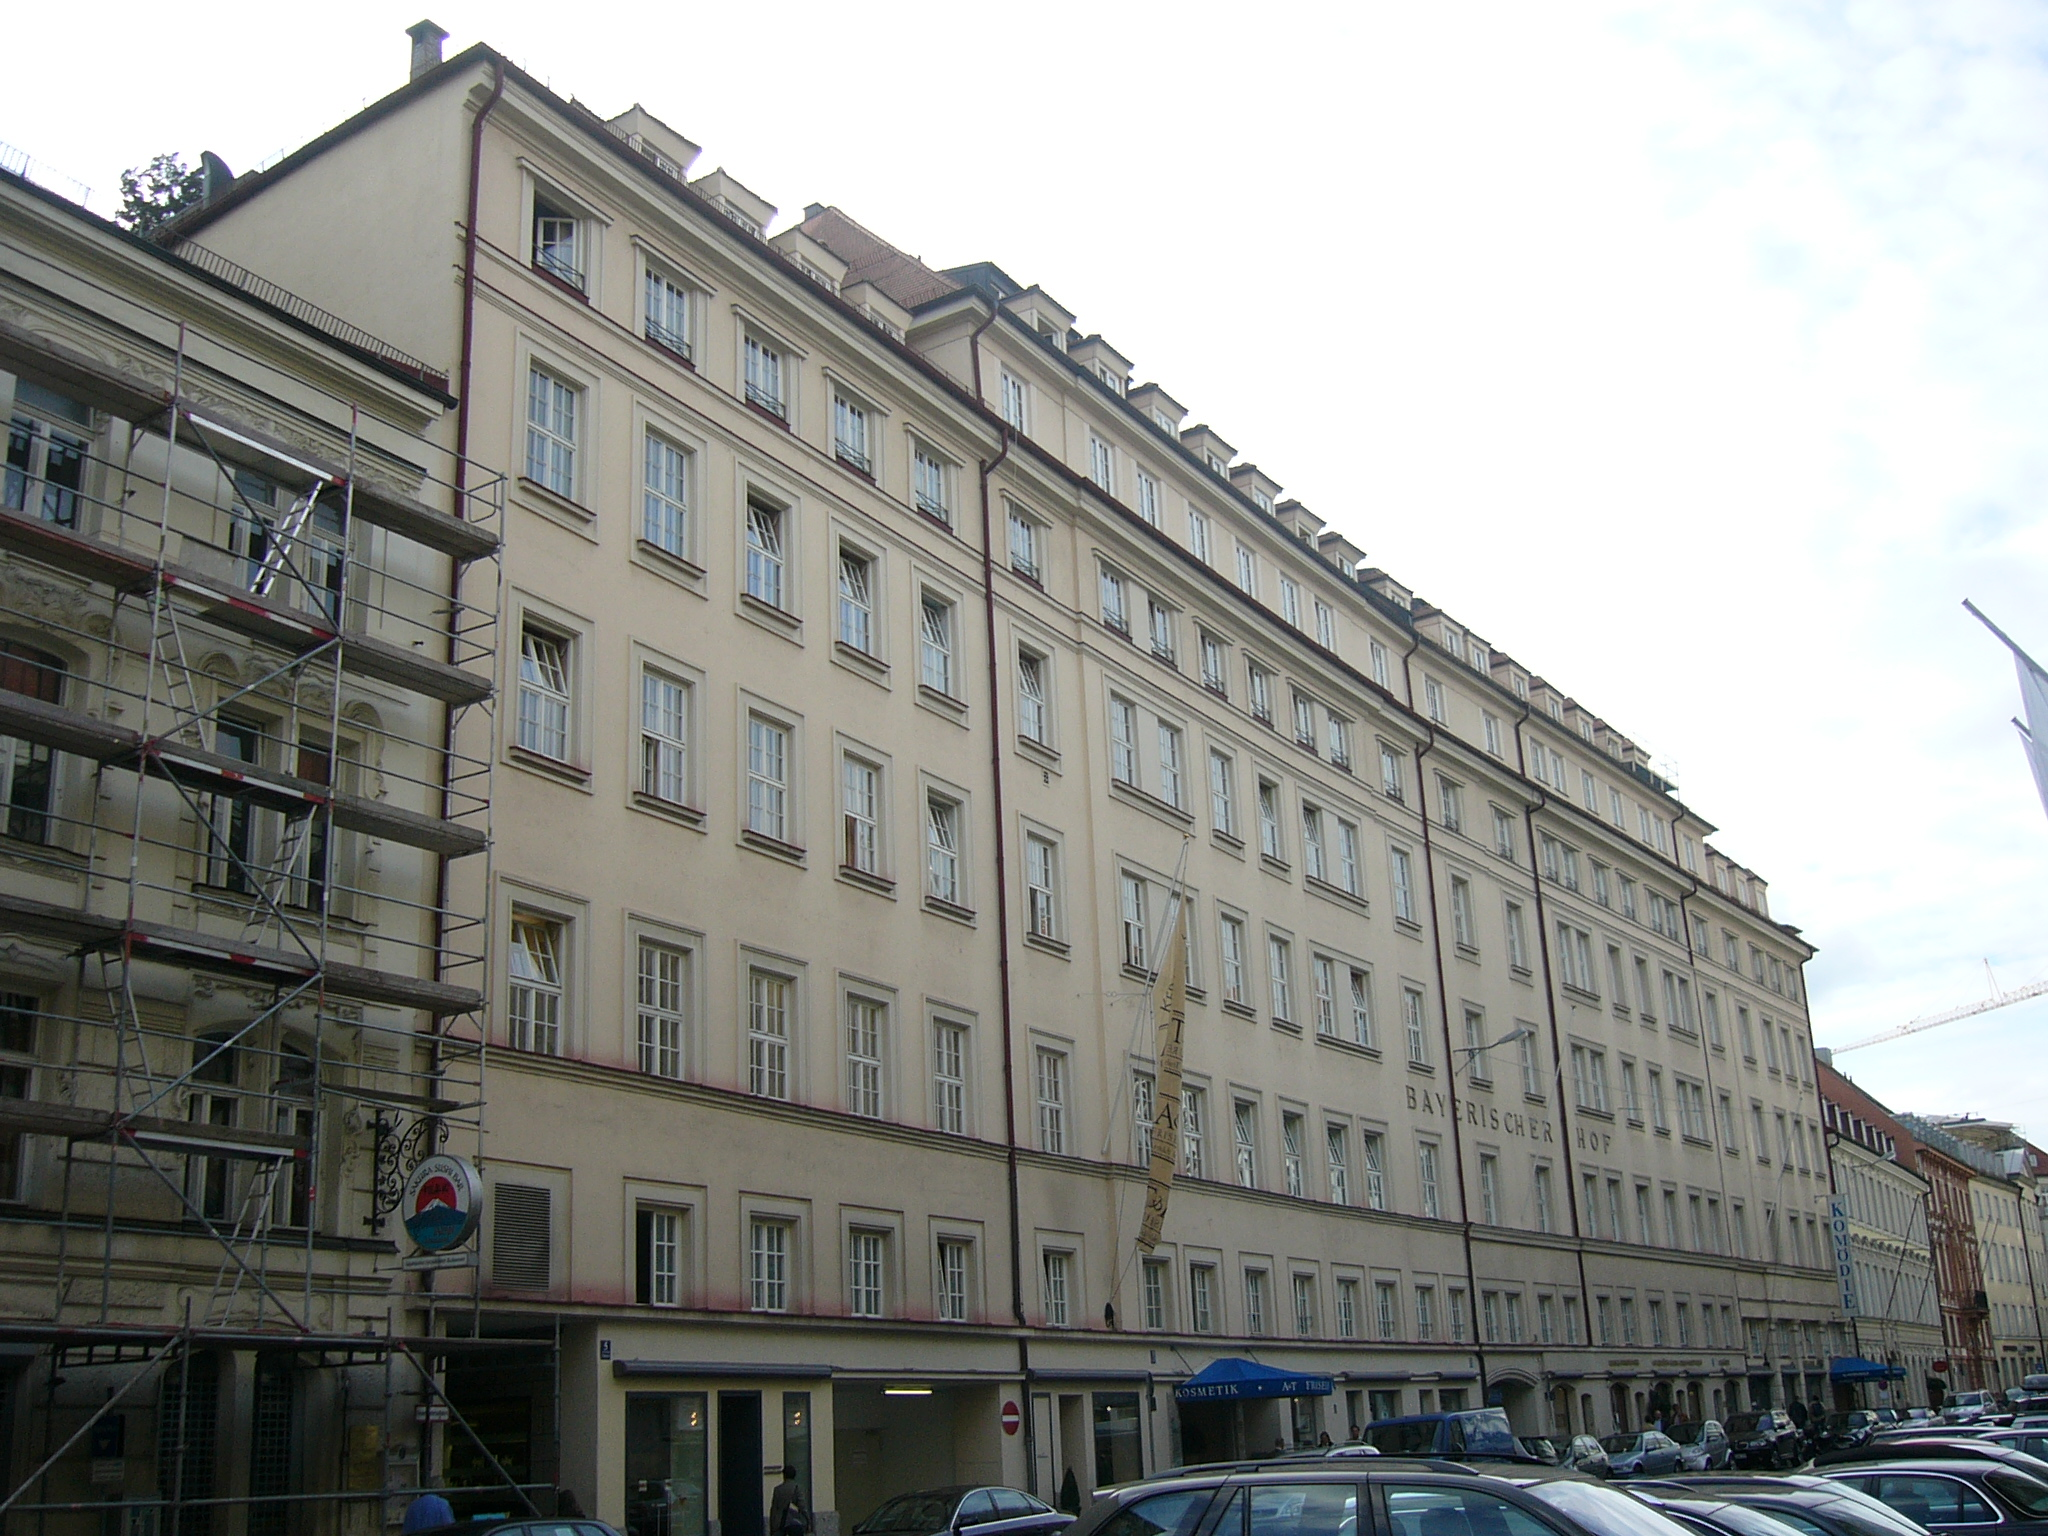 Hotel Bayerischer Hof In M Ef Bf Bdnchen